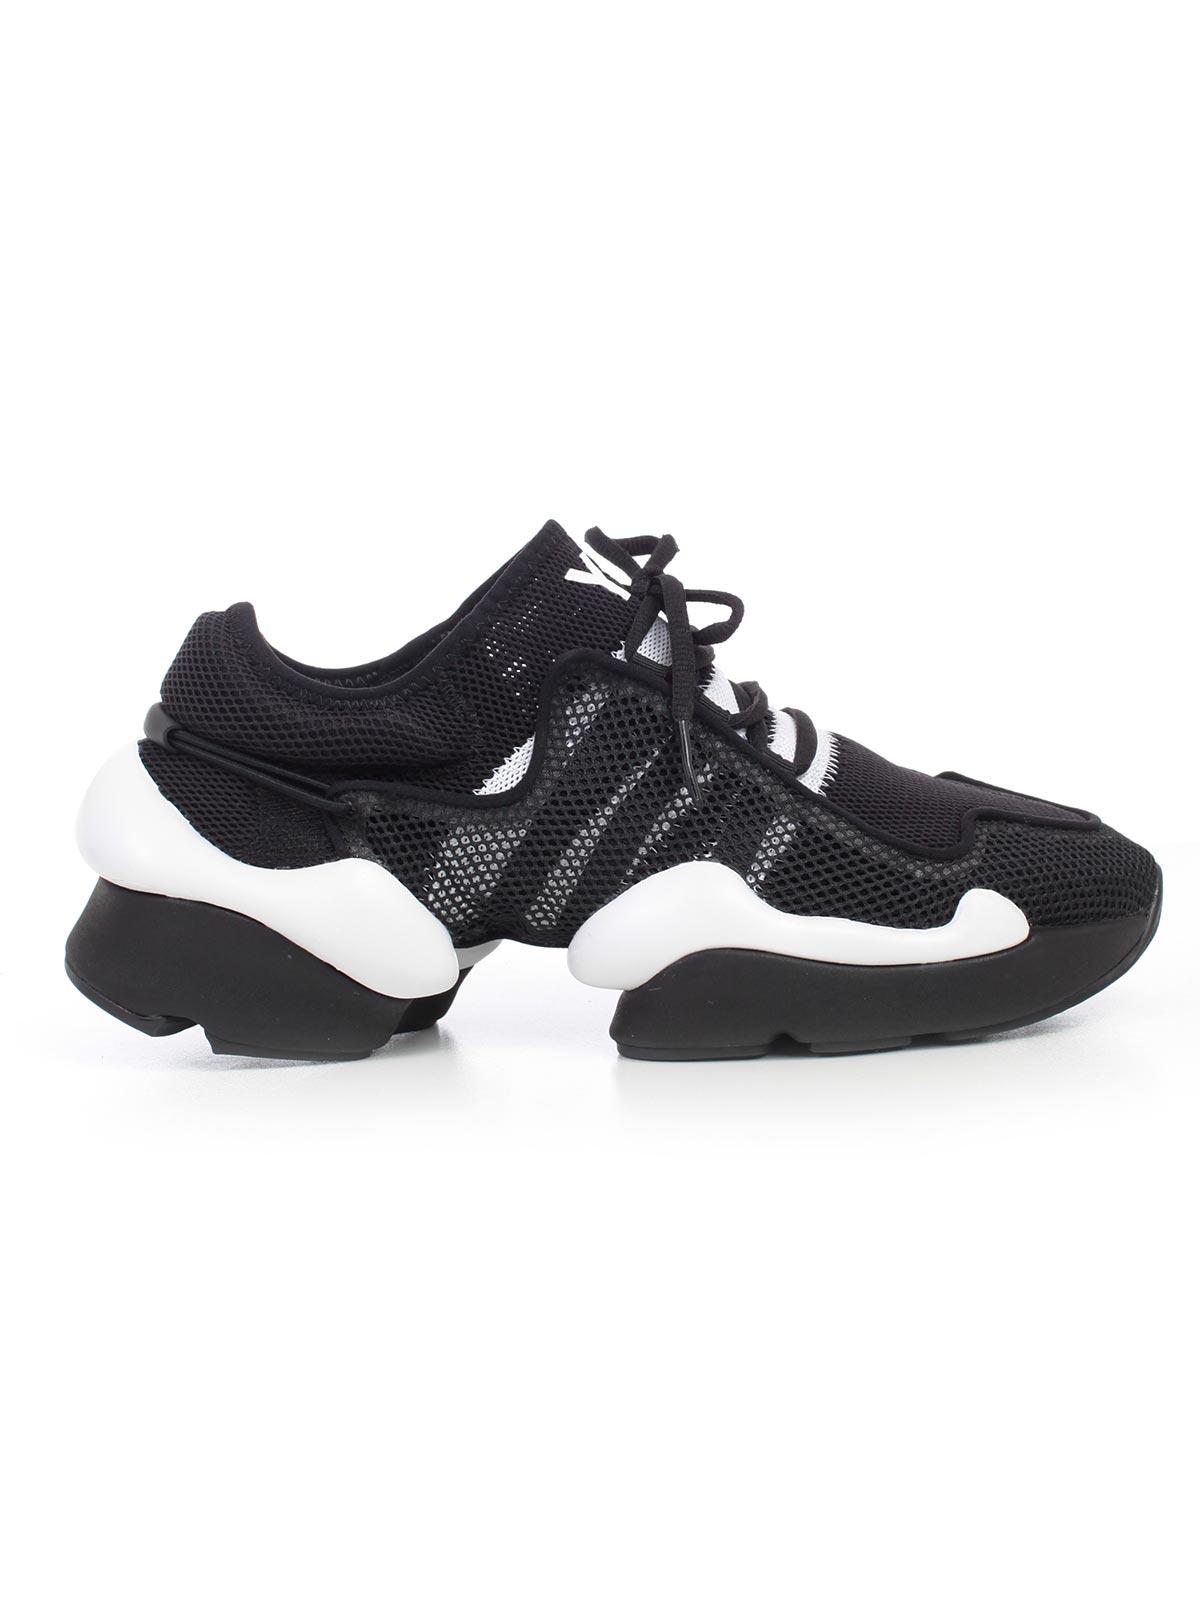 07af5064252a Y-3 Yohji Yamamoto Adidas Shoes F99797 - CORE BLACK.Bernardelli ...